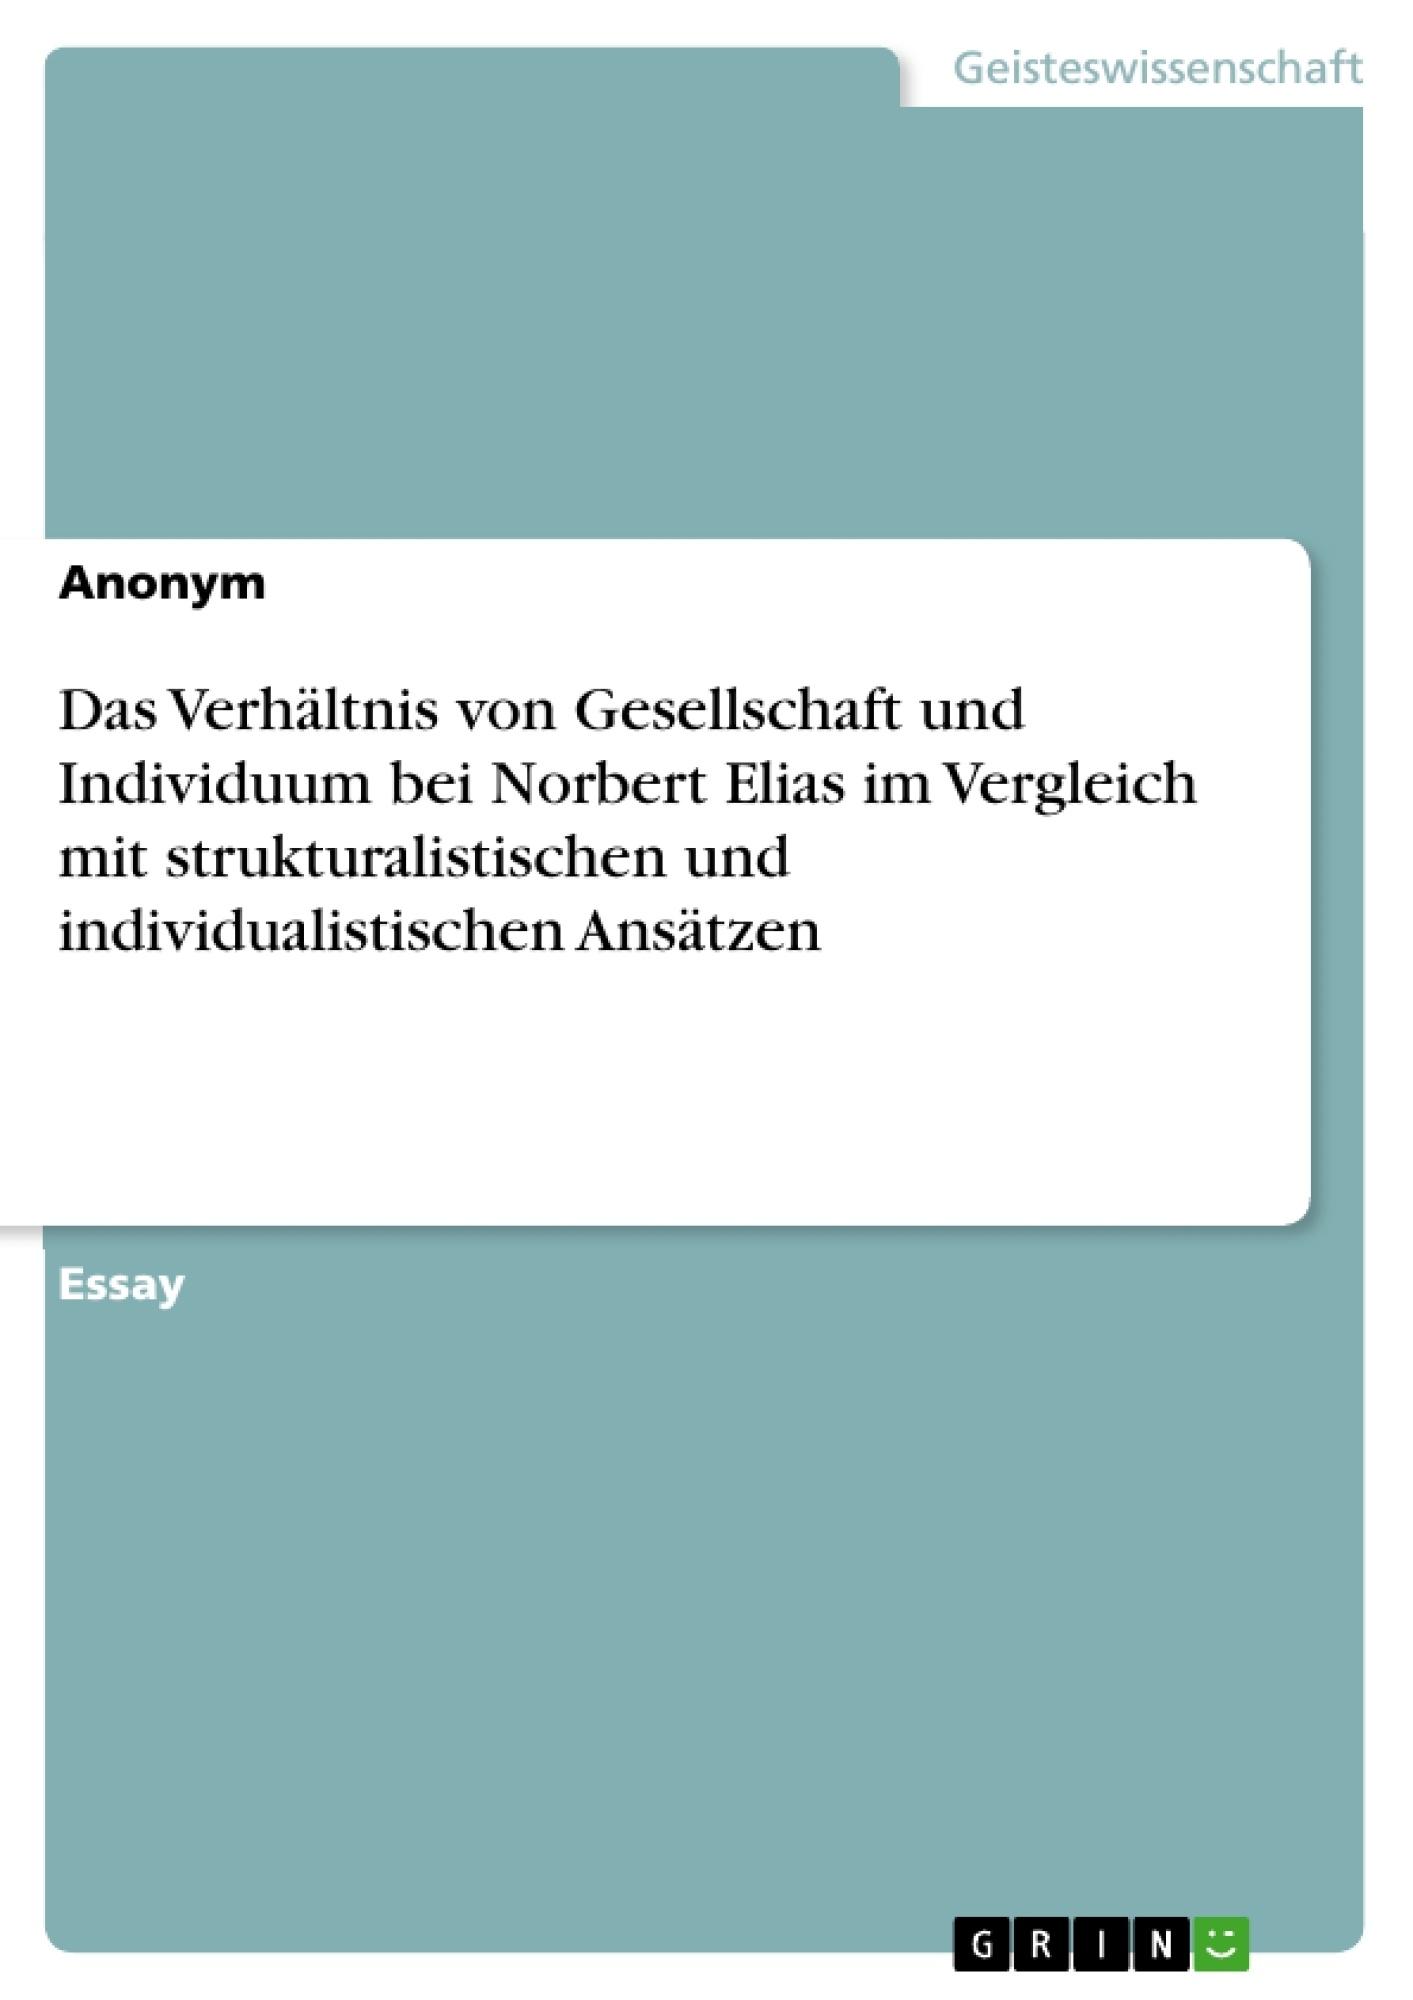 Titel: Das Verhältnis von Gesellschaft und Individuum bei Norbert Elias im  Vergleich mit strukturalistischen und individualistischen Ansätzen